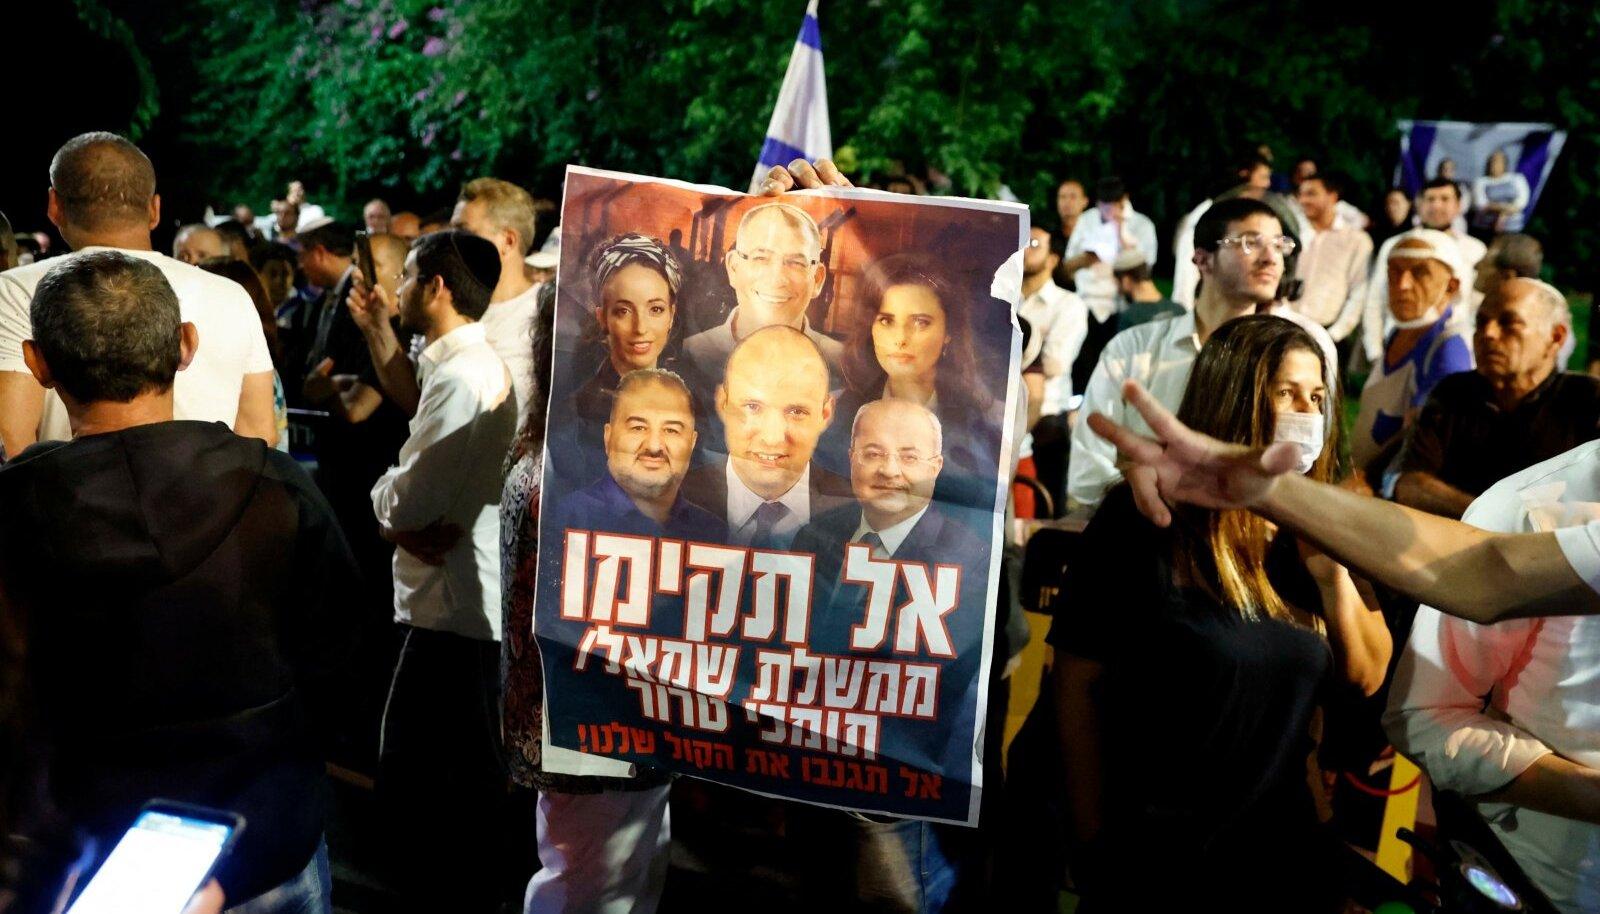 2. juunil toimunud meeleavaldus peaminister Benyamin Netanyahu toetuseks